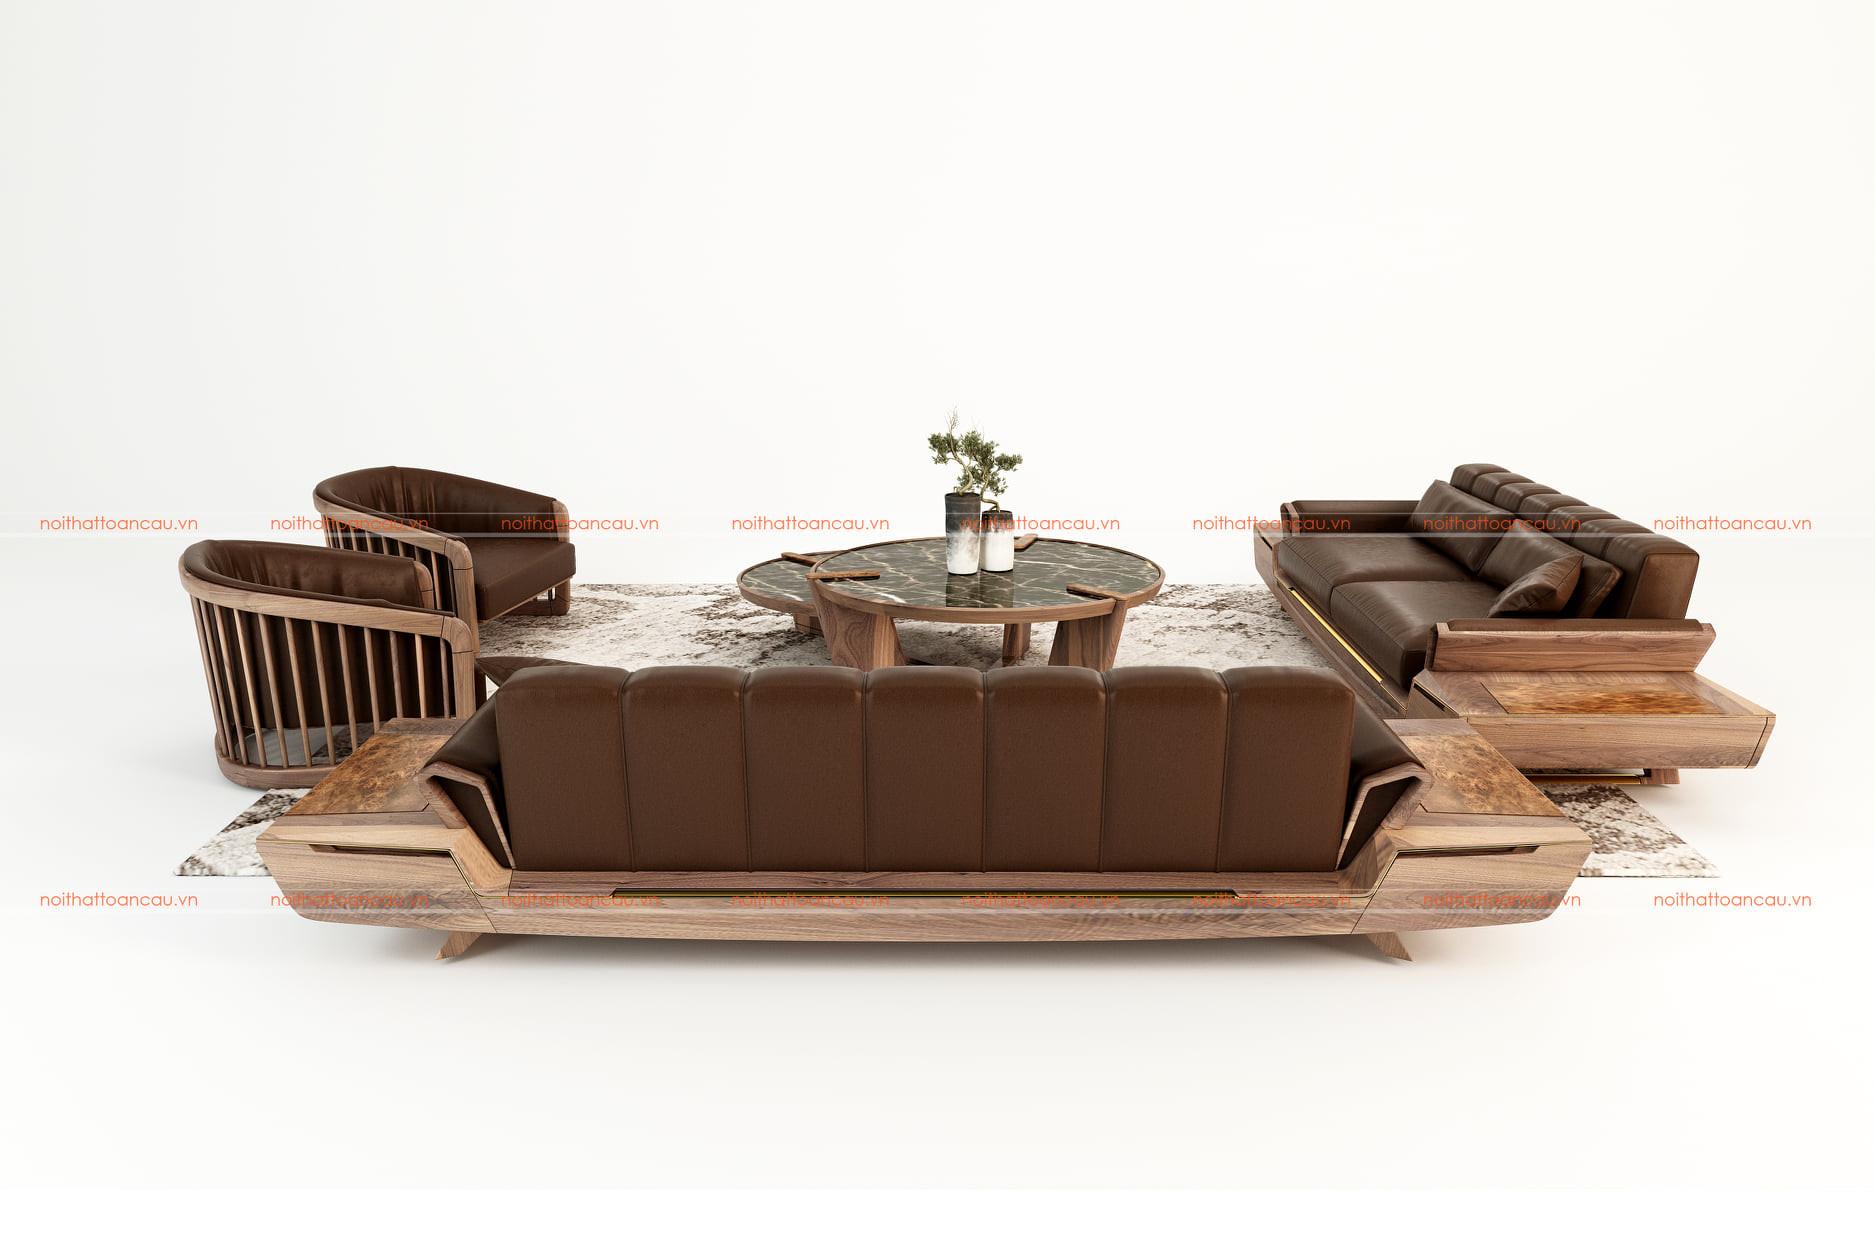 Bộ bàn ghế phòng khách bằng gỗ óc chó tự nhiên - TC146e